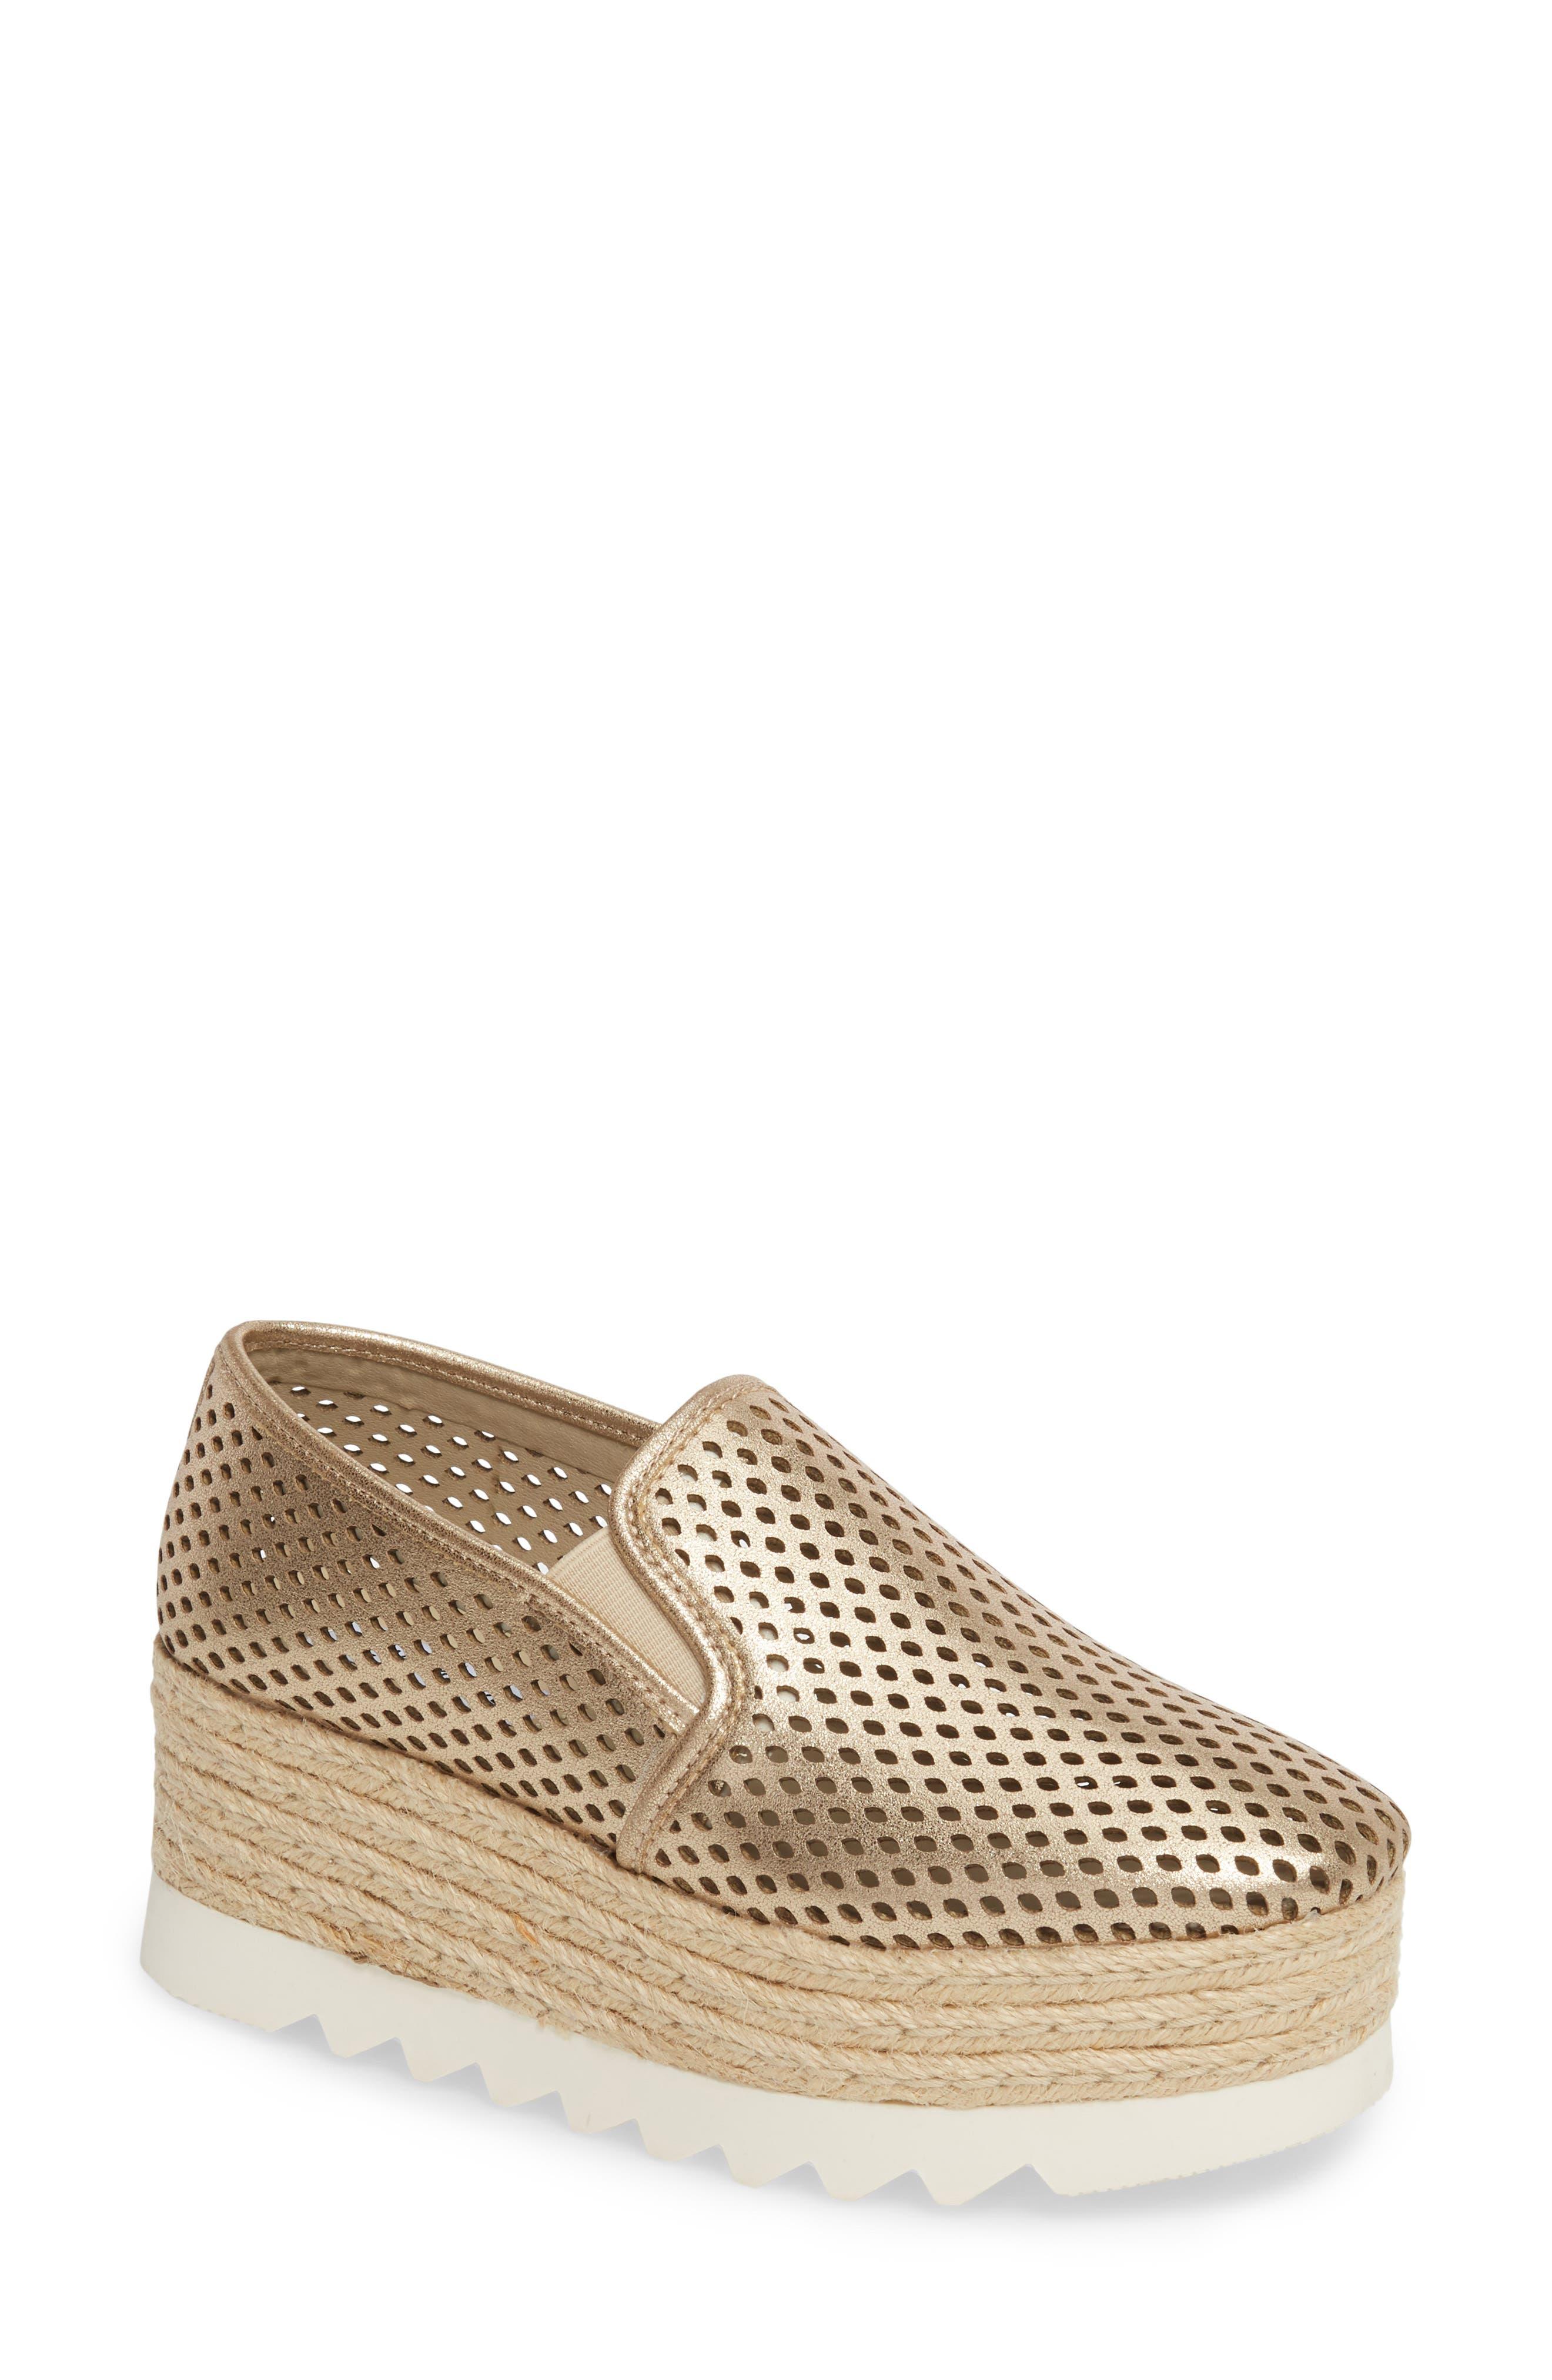 Steve Madden Kara Perforated Platform Loafer (Women)